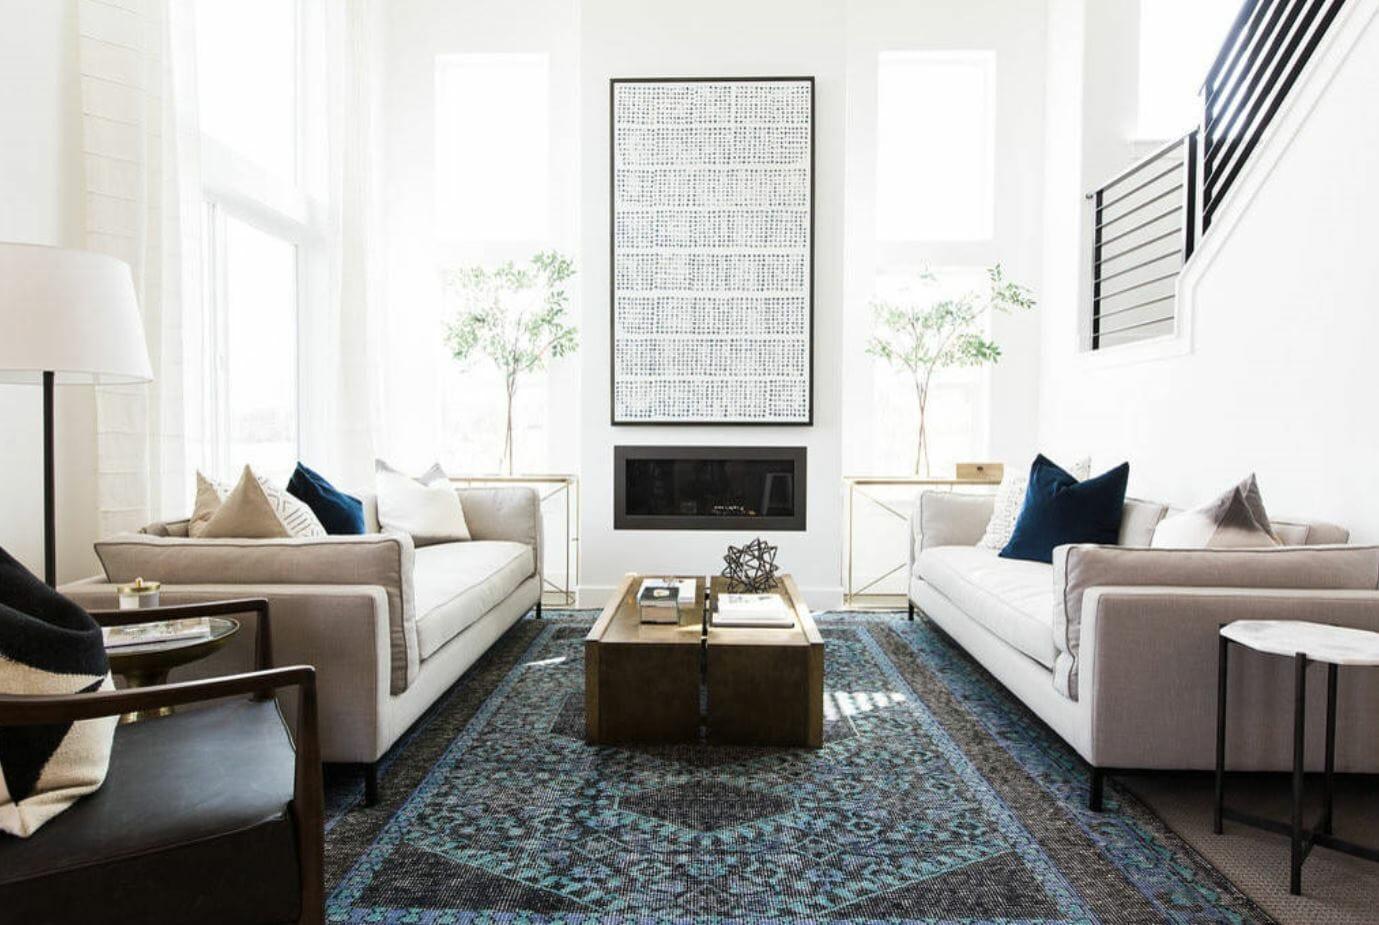 winter 2019 interior design trends statement piece